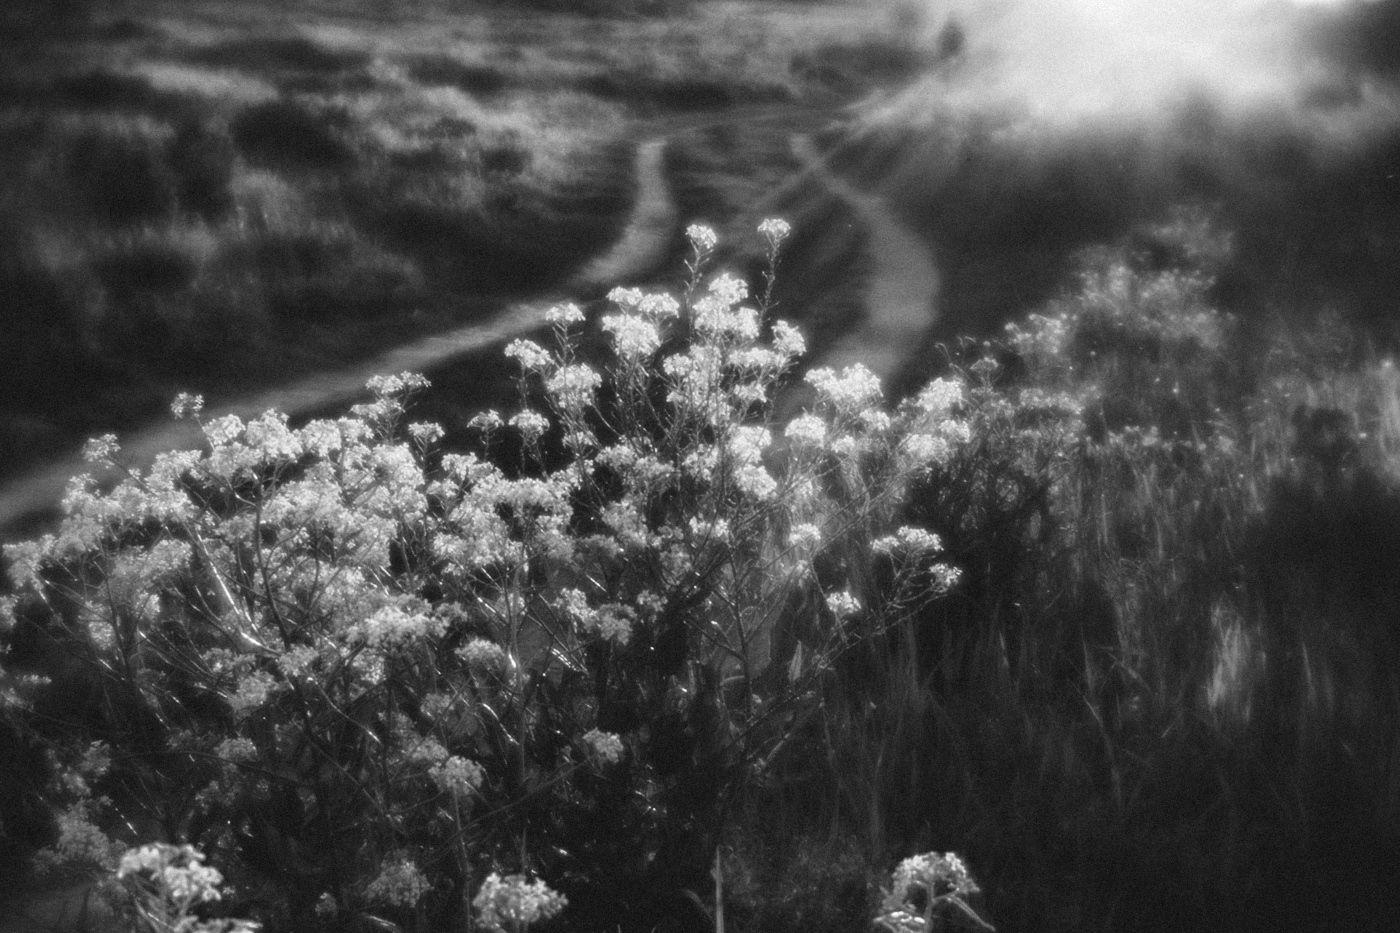 дорога МОНОКЛЬ лучи солнце трава